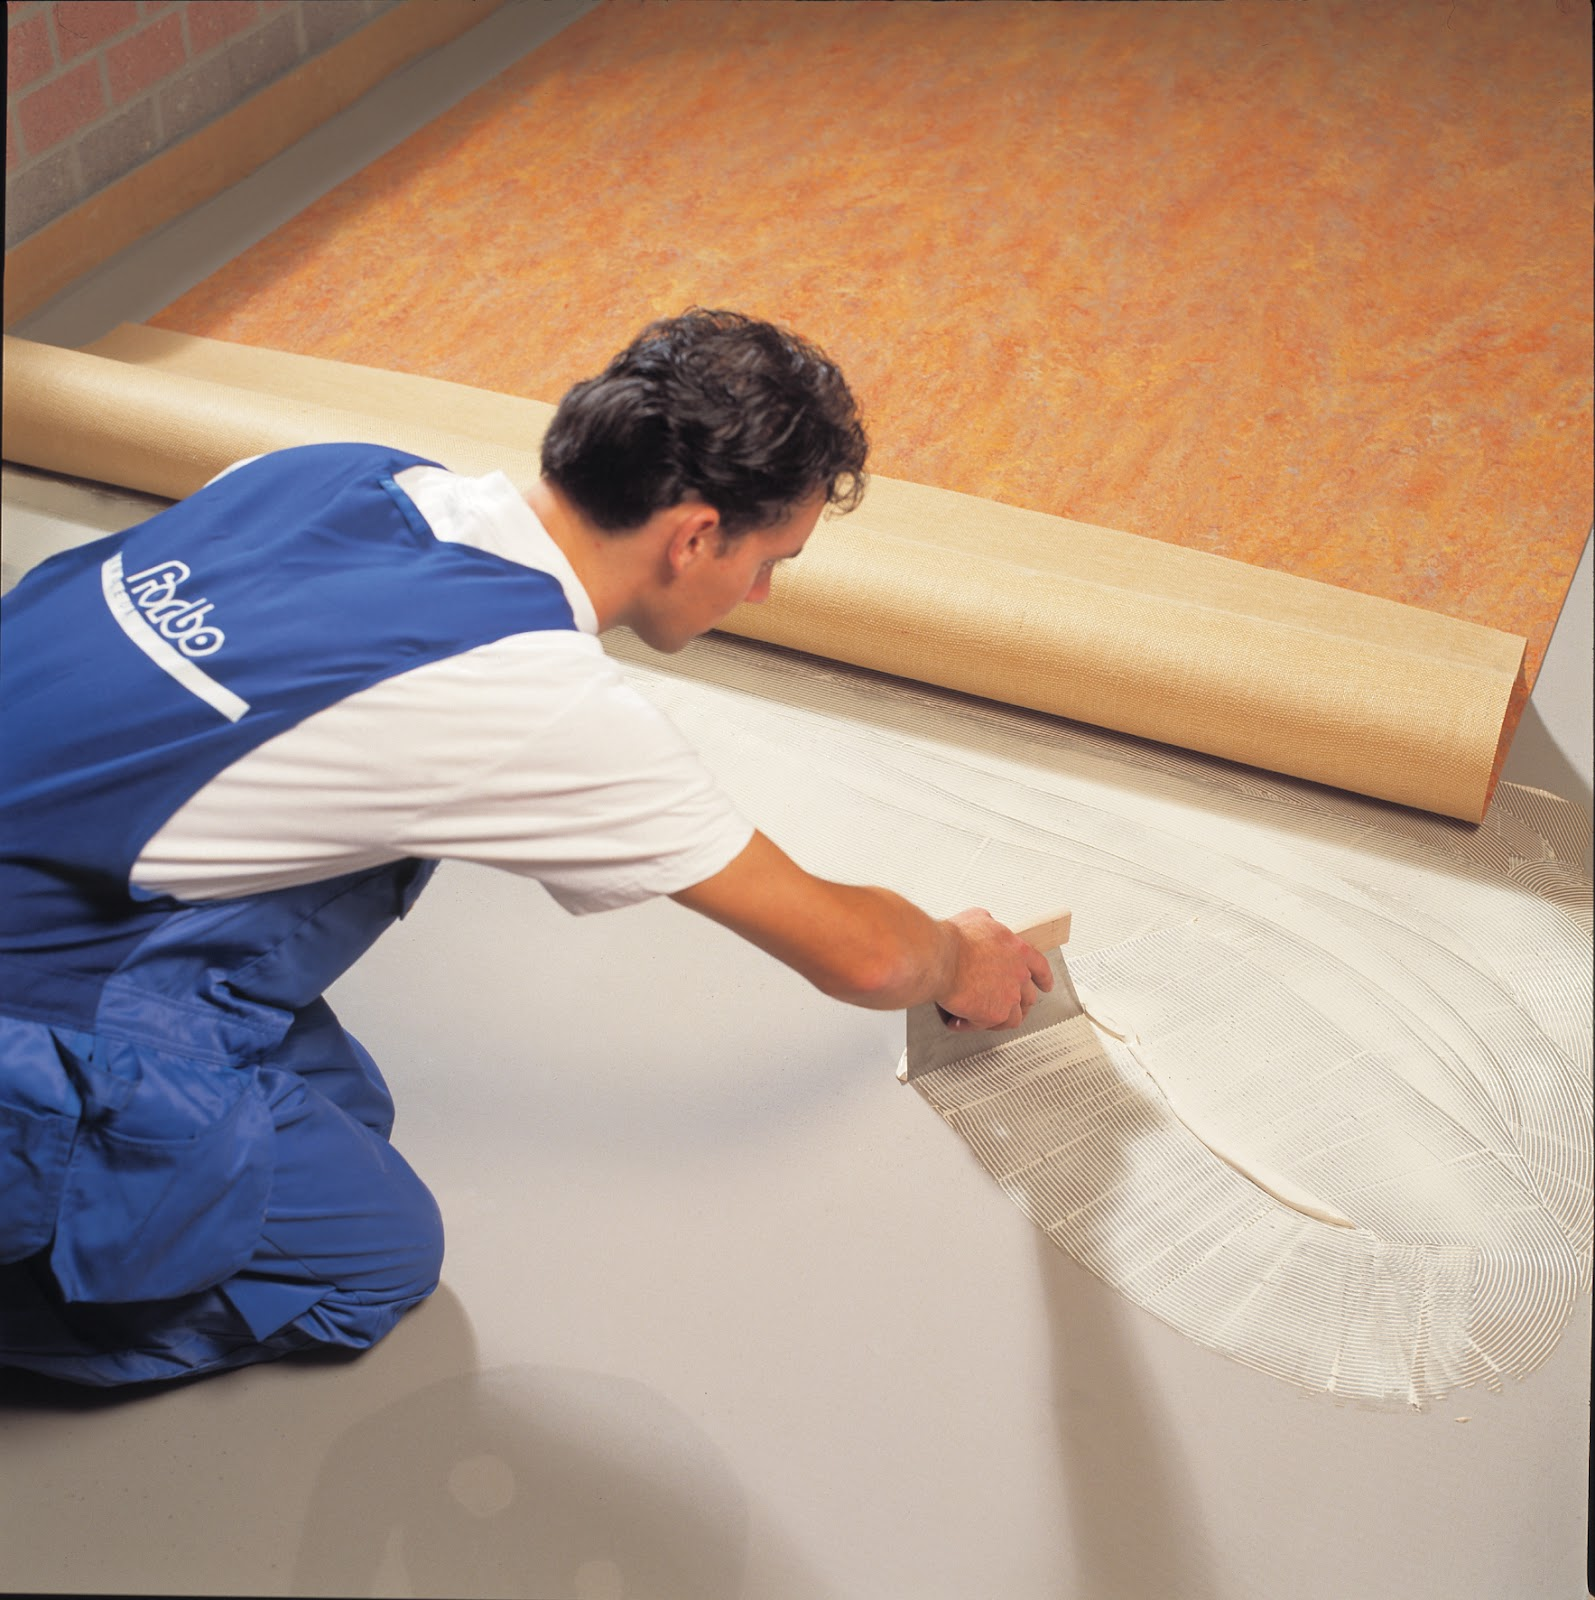 Укладка линолеума на бетонный пол особенности и правила мероприятия